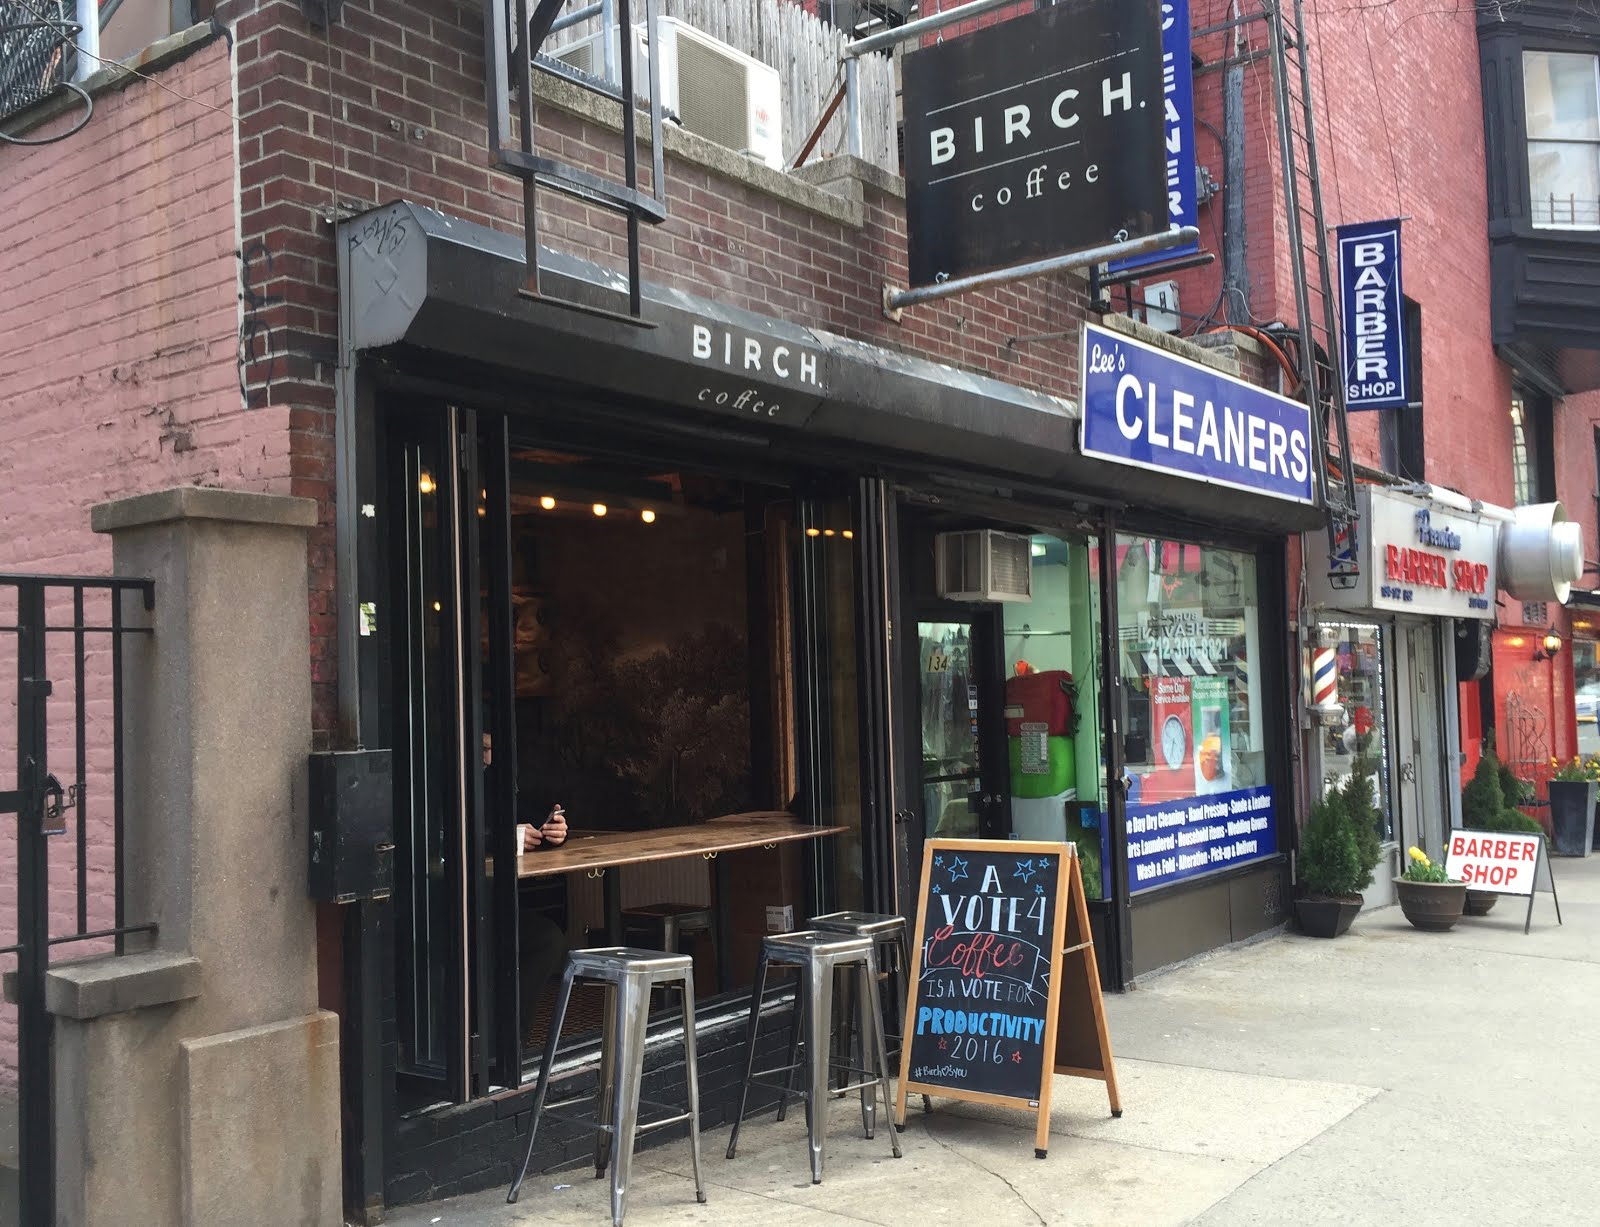 Birch Coffee Upper East Side